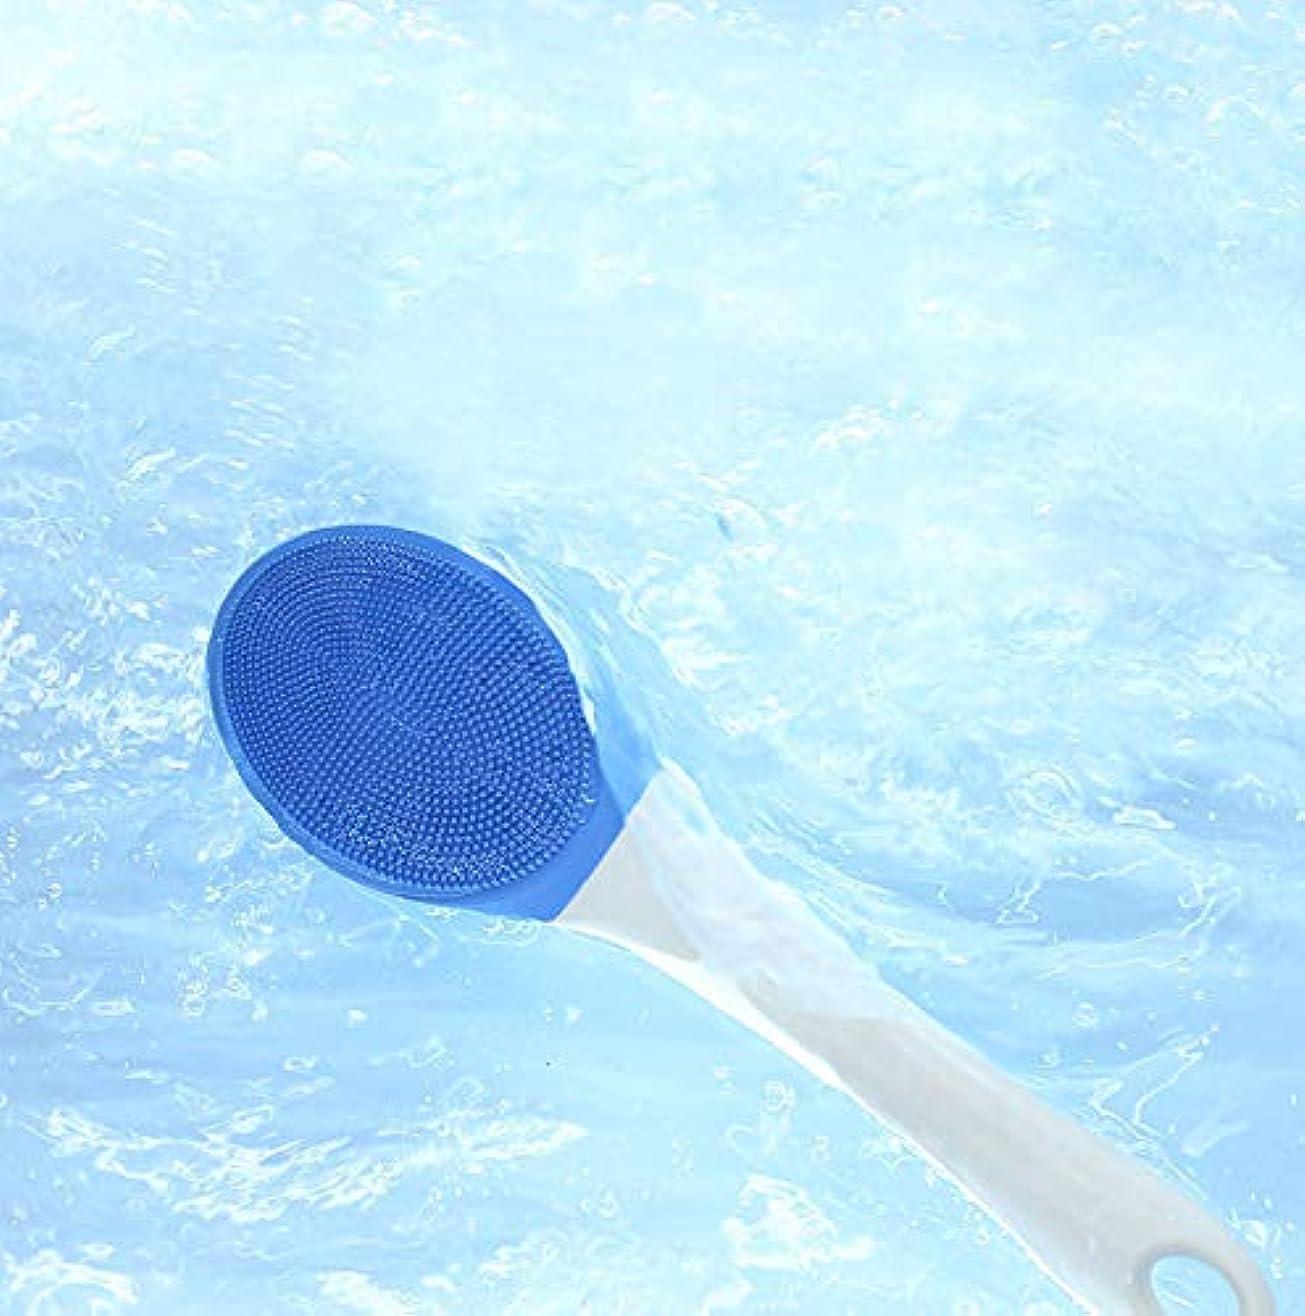 前売最少ボリューム電気バスブラシ、防水ボディ、洗顔ブラシロングハンドルソニック電動スクラバーディープクリーニング用3スピード調整可能なパルス振動,Blue